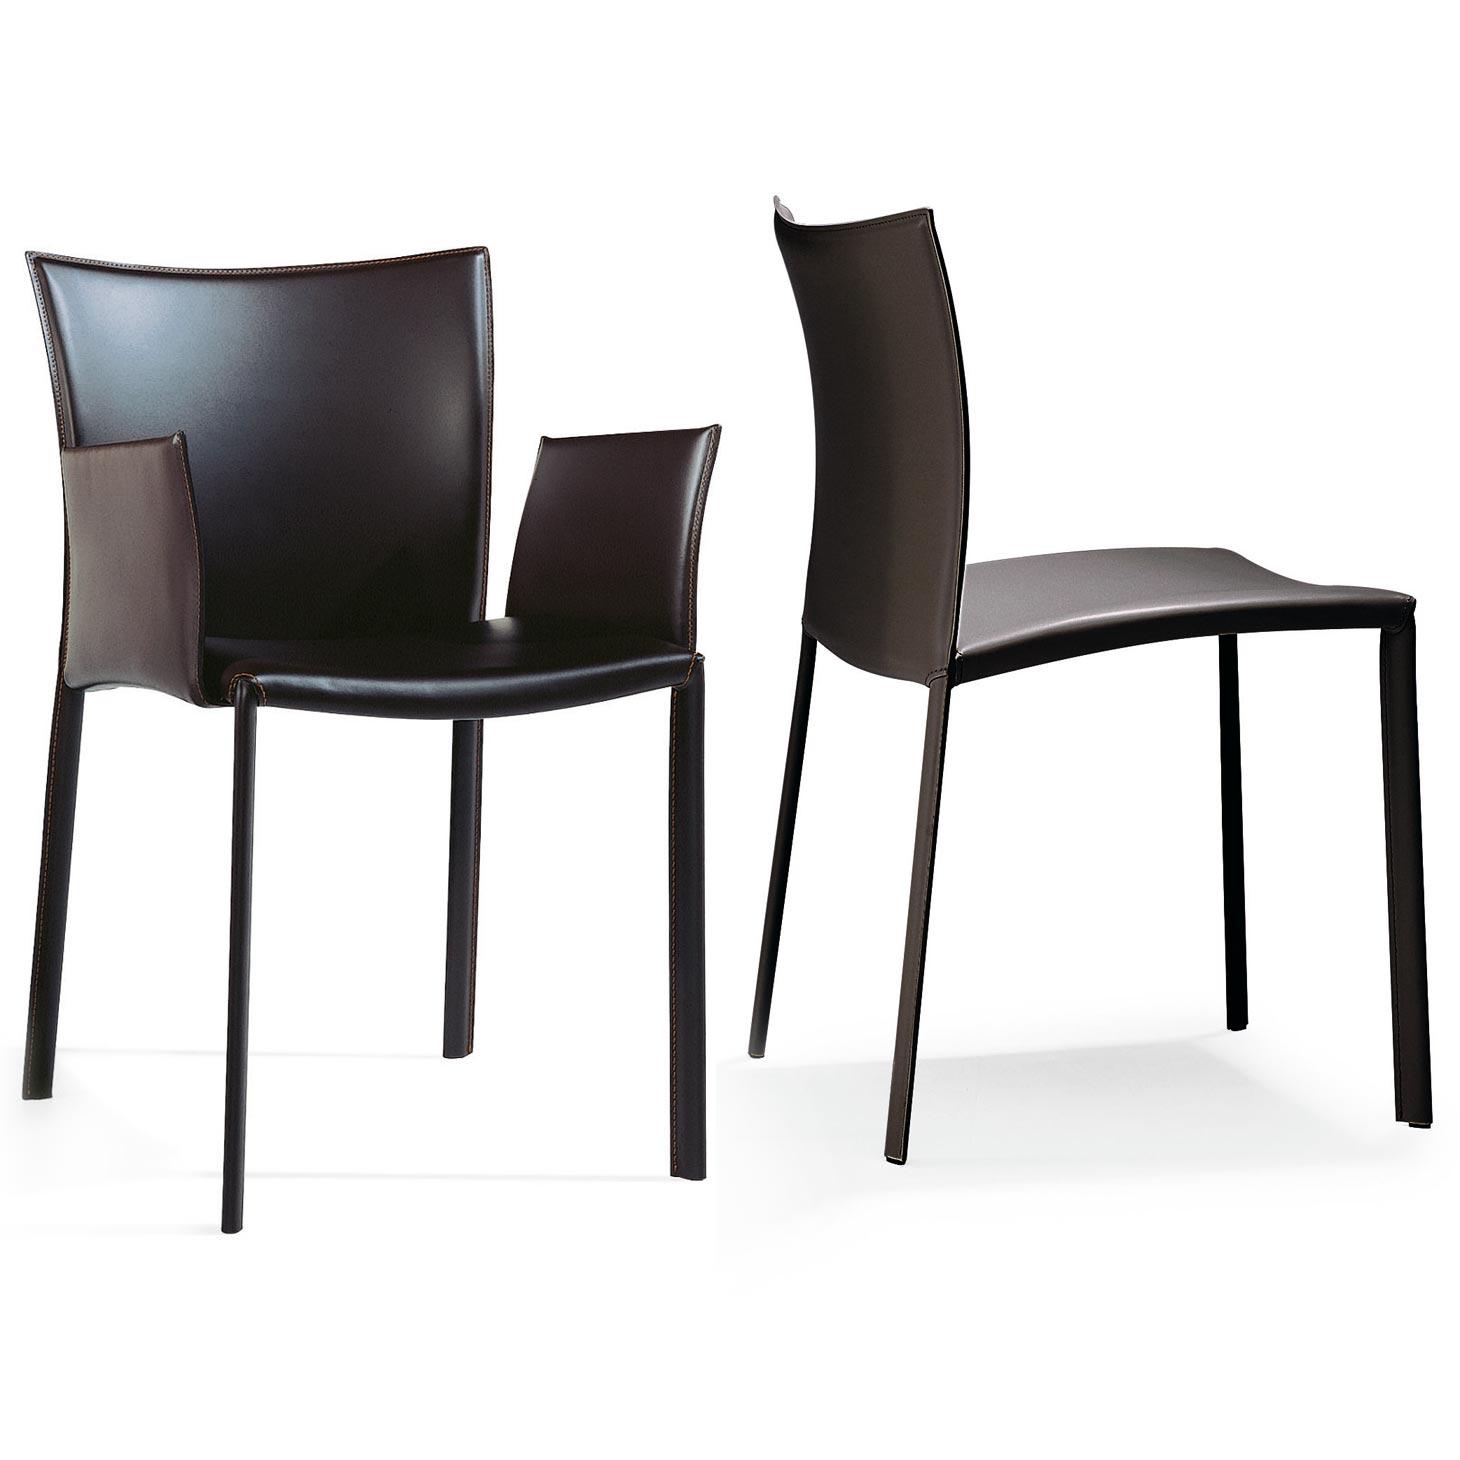 stuhl nobile 2072 von draenert. Black Bedroom Furniture Sets. Home Design Ideas